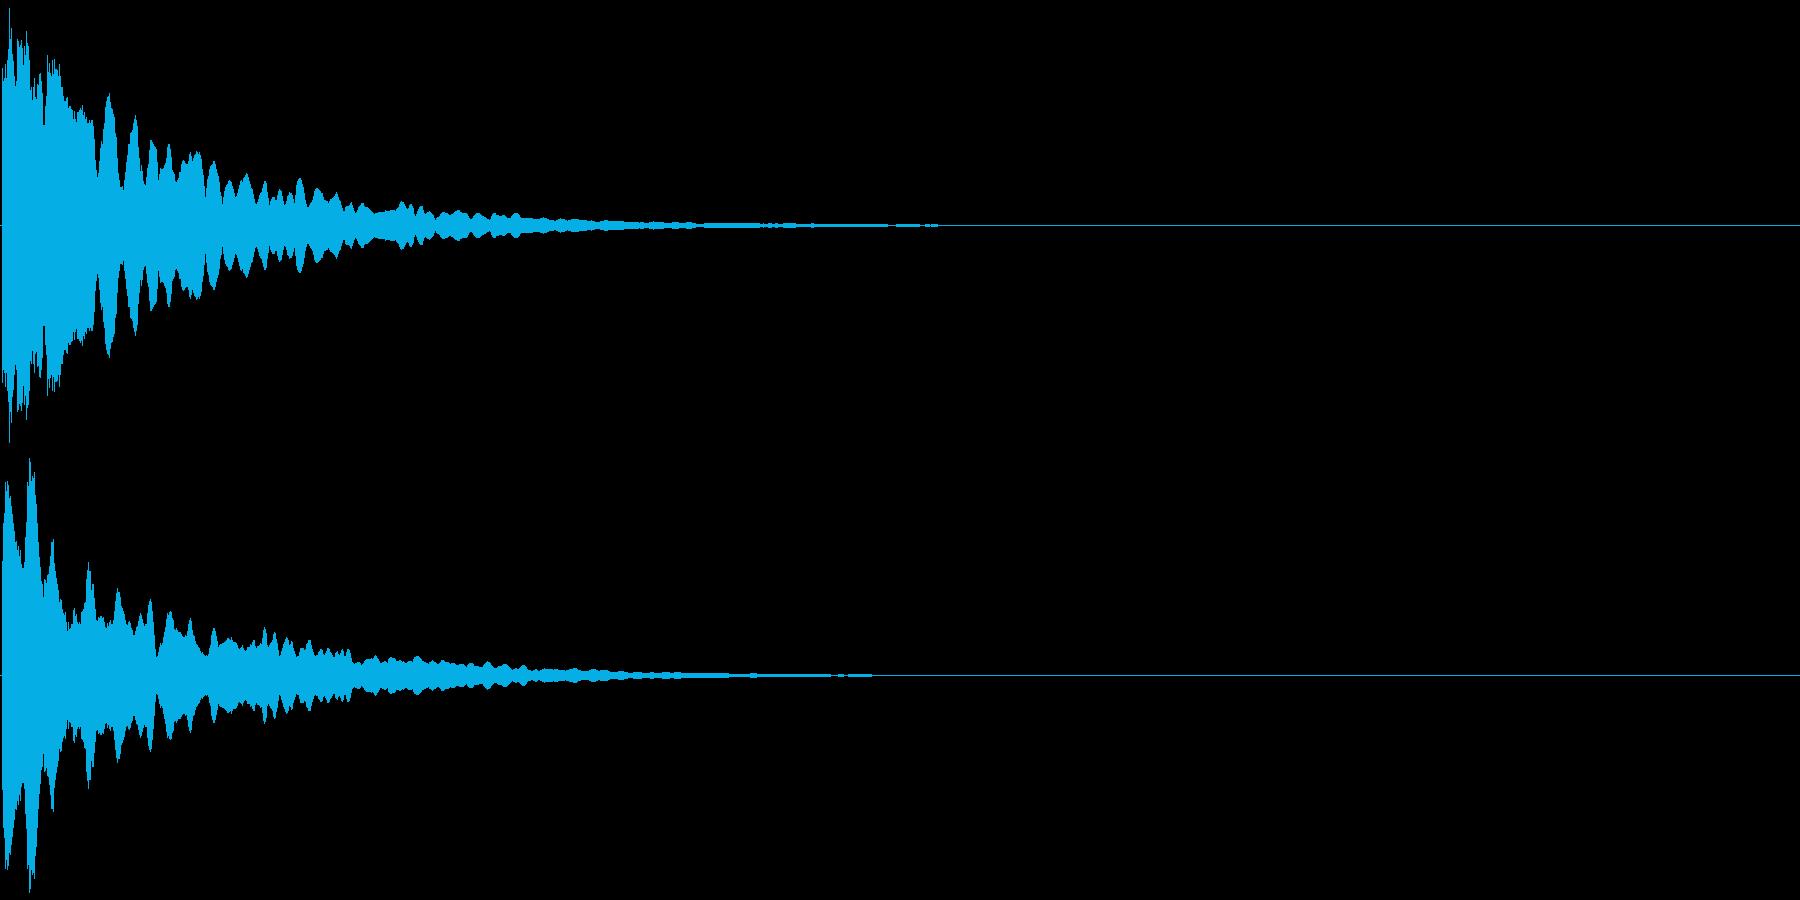 キラーン  の再生済みの波形